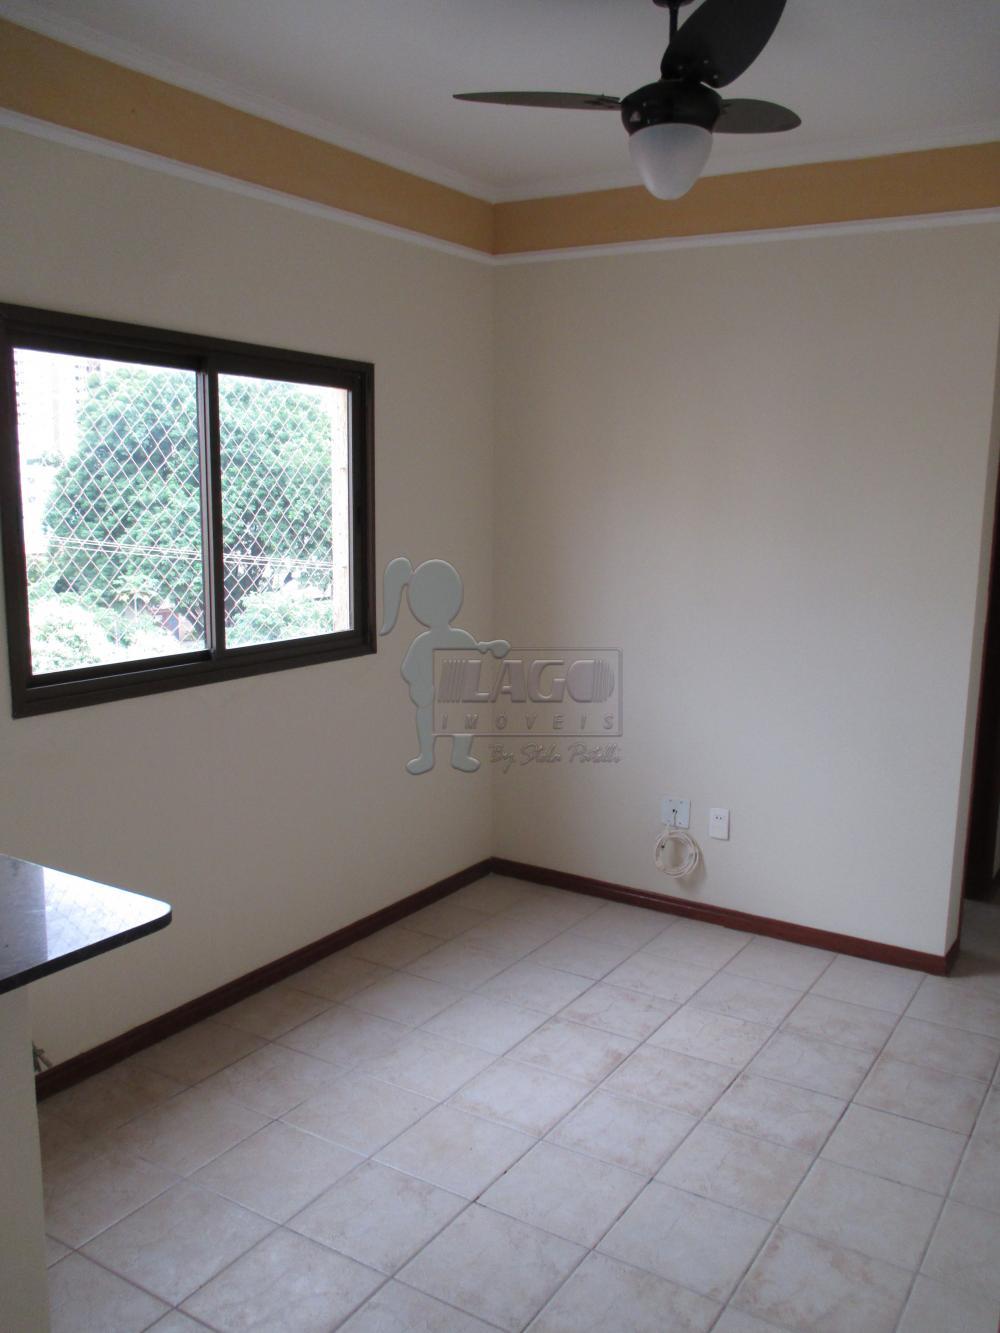 Alugar Apartamento / Padrão em Ribeirão Preto apenas R$ 500,00 - Foto 2